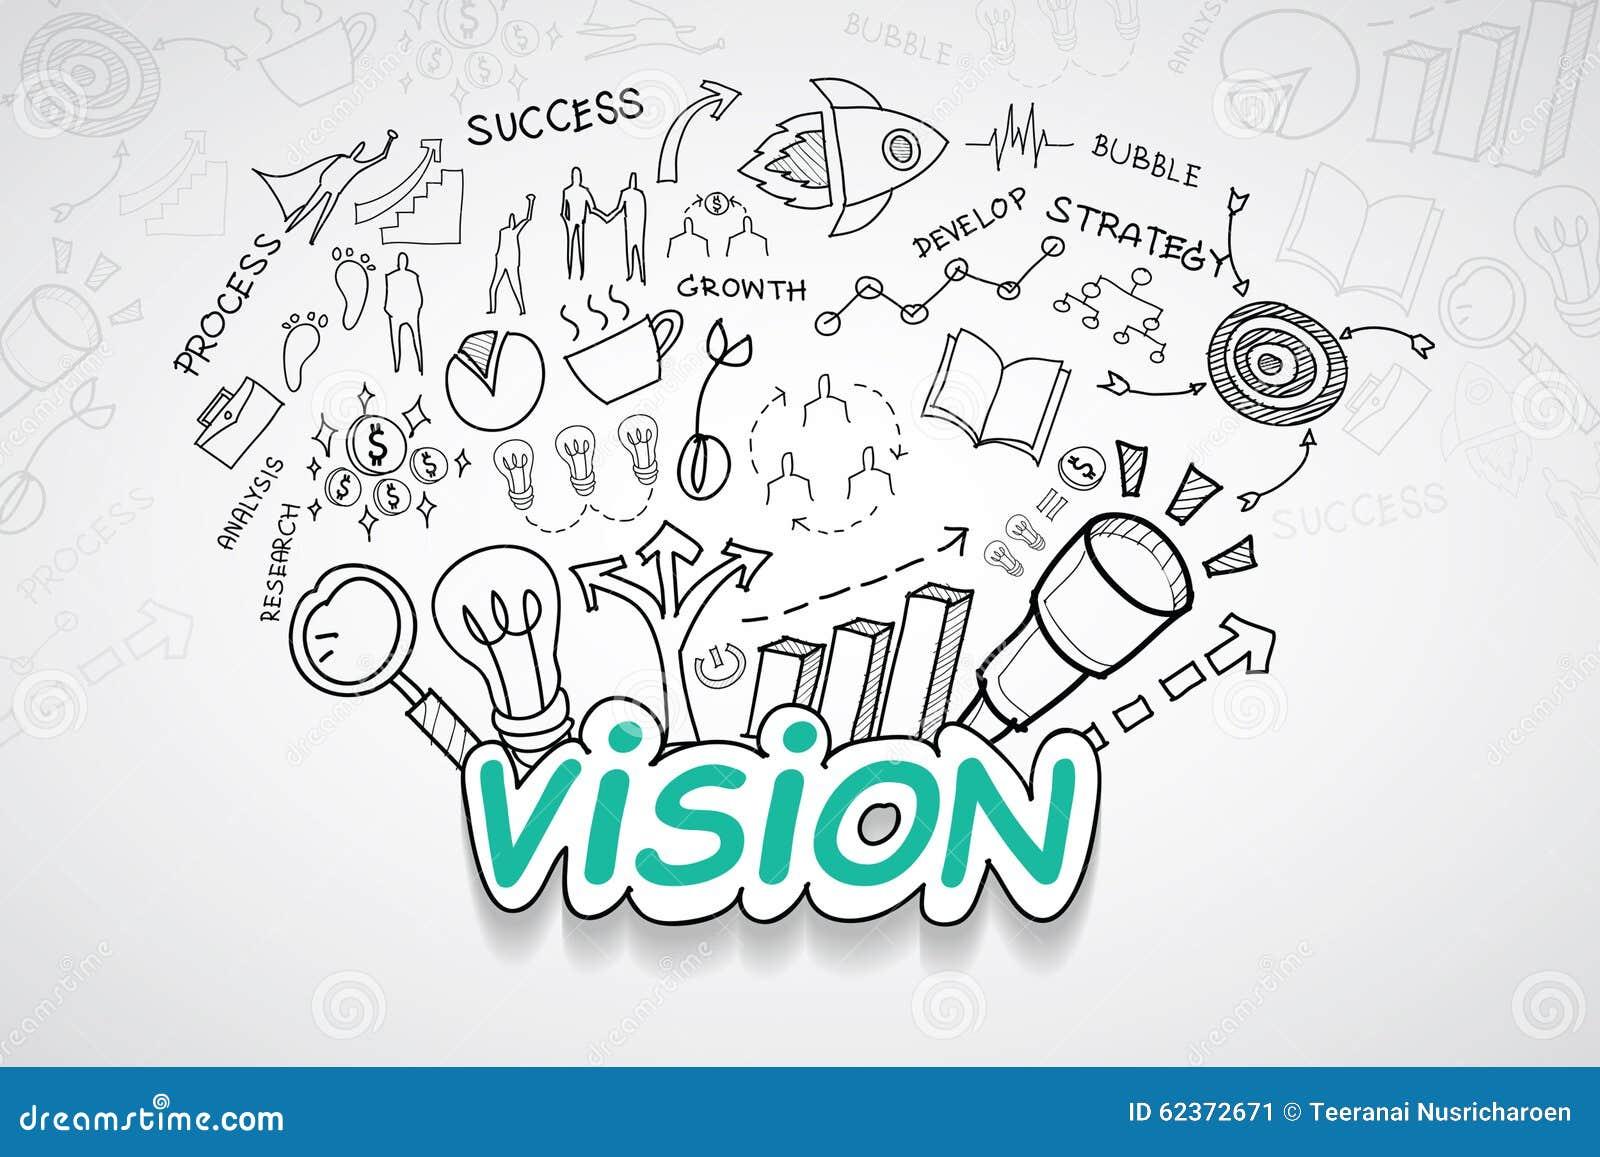 Wzroku tekst Z kreatywnie rysunków wykresów i map biznesowego sukcesu strategii planu pomysłem, inspiraci pojęcia nowożytnego pro